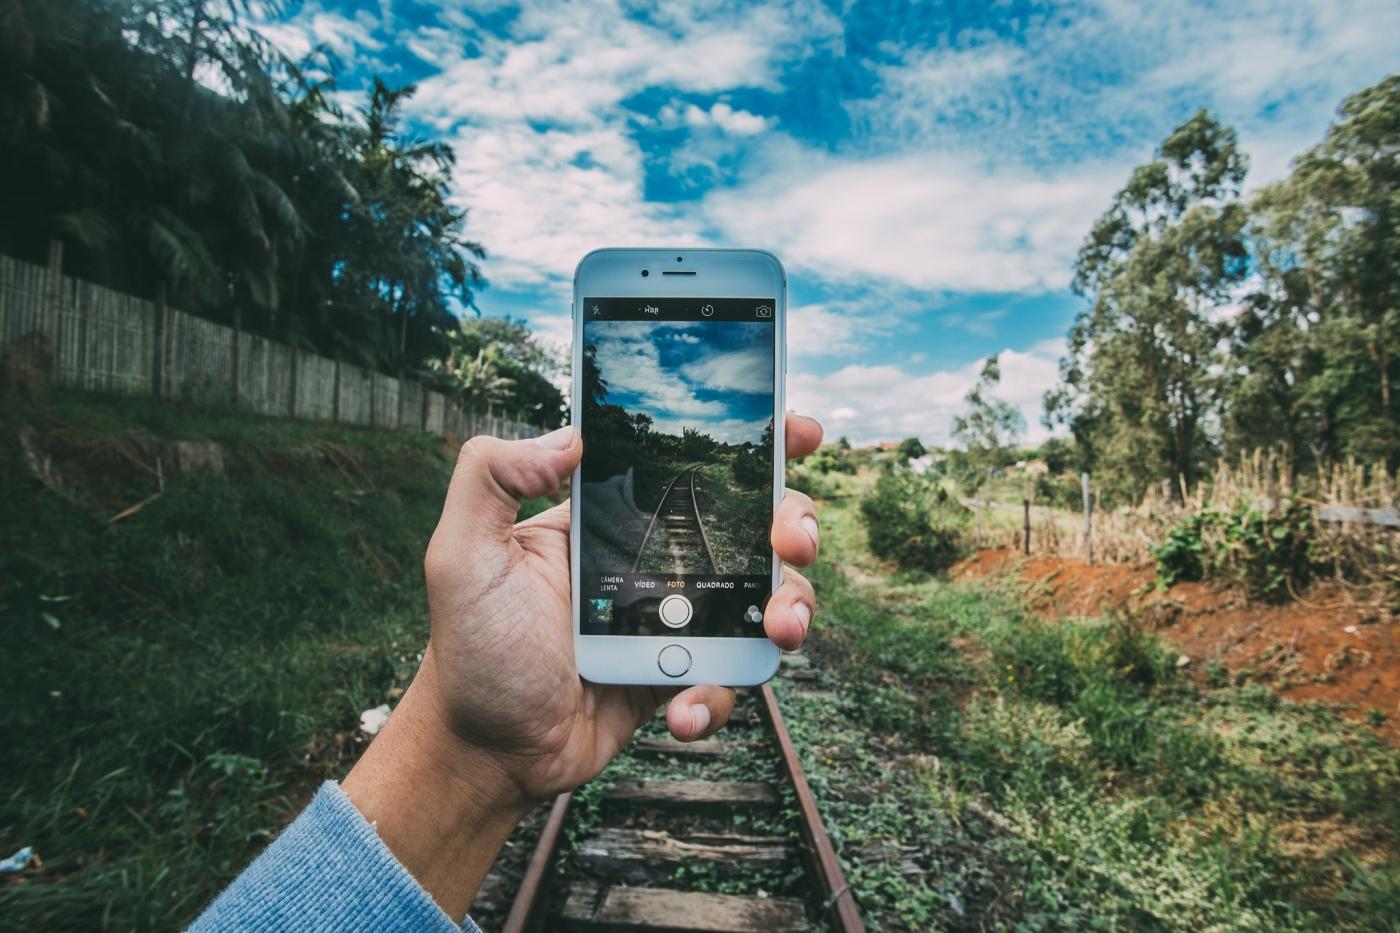 Gry Terenowe Iaplikacje Mobilne – Szkolenie